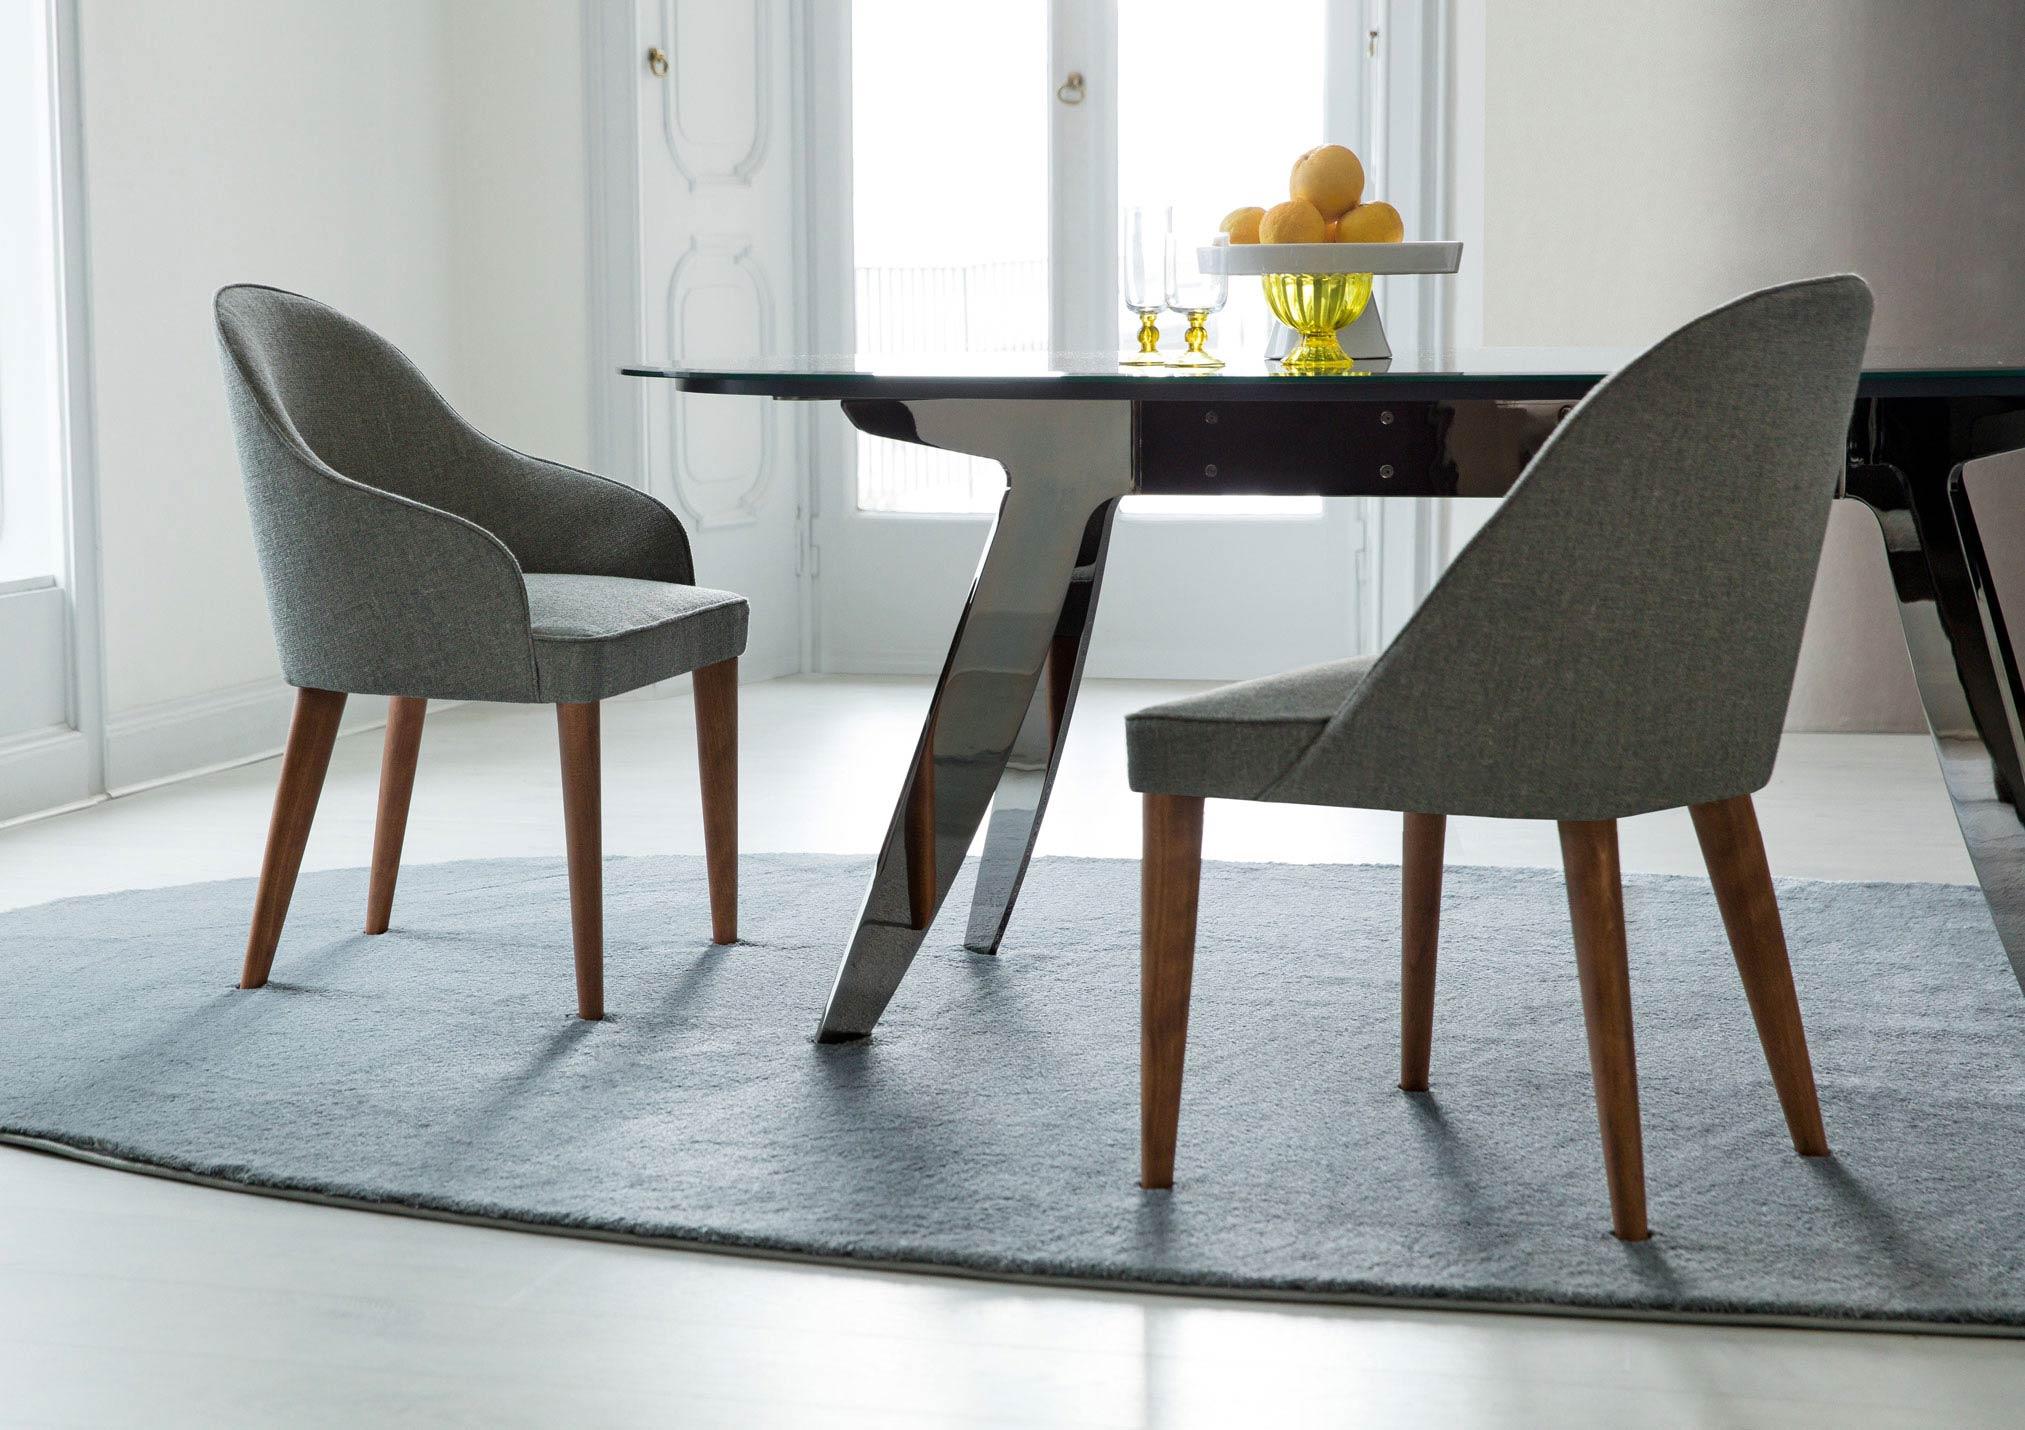 Tavolo Cristallo 4 Sedie.Judy La Prima Sedia Da Tavolo Moderna Made By Berto